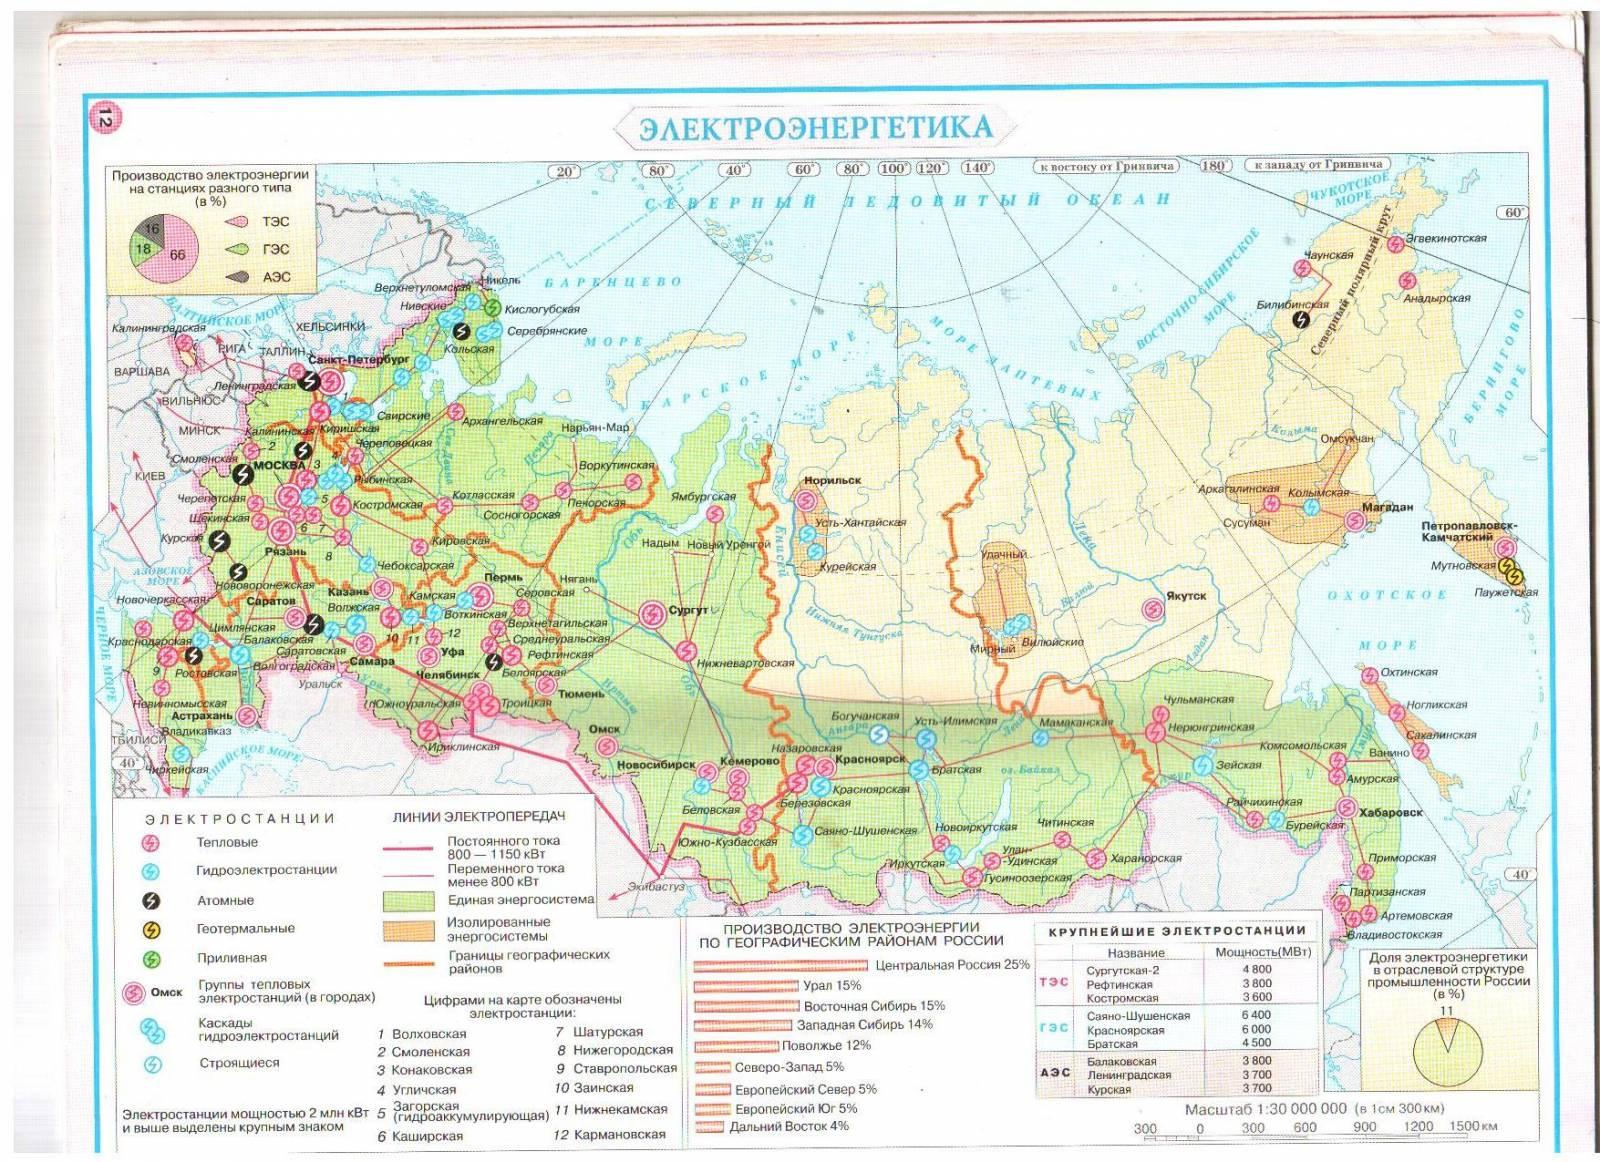 Гидроэнергетики россии и снг читать онлайн